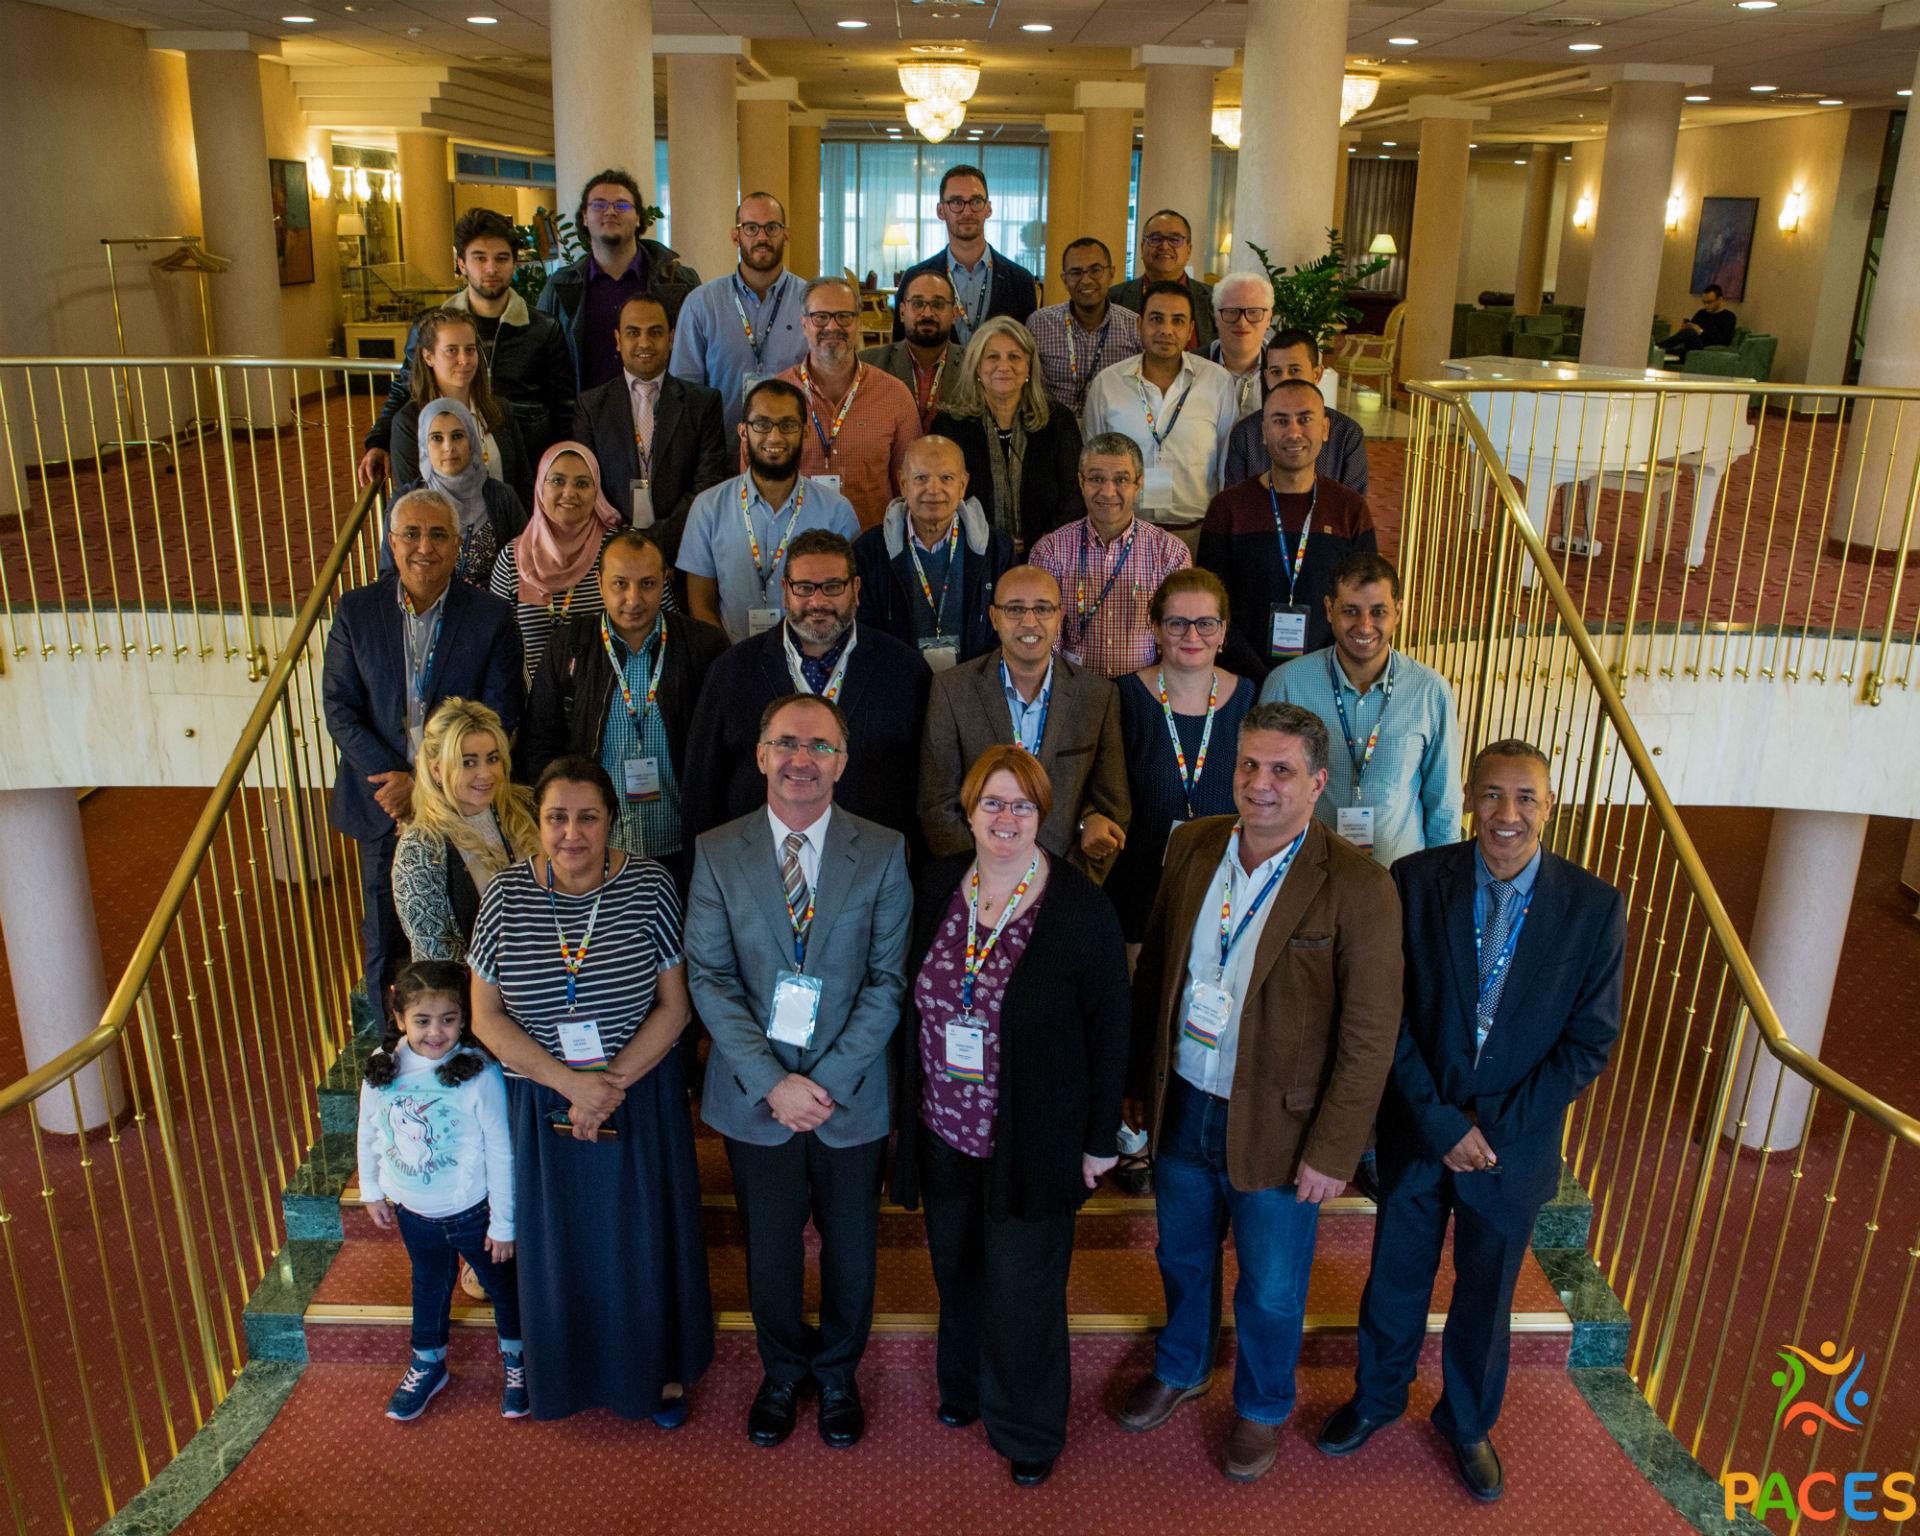 الاجتماع الثالث للمشروع ، جامعة ماريبور ، سلوفينيا